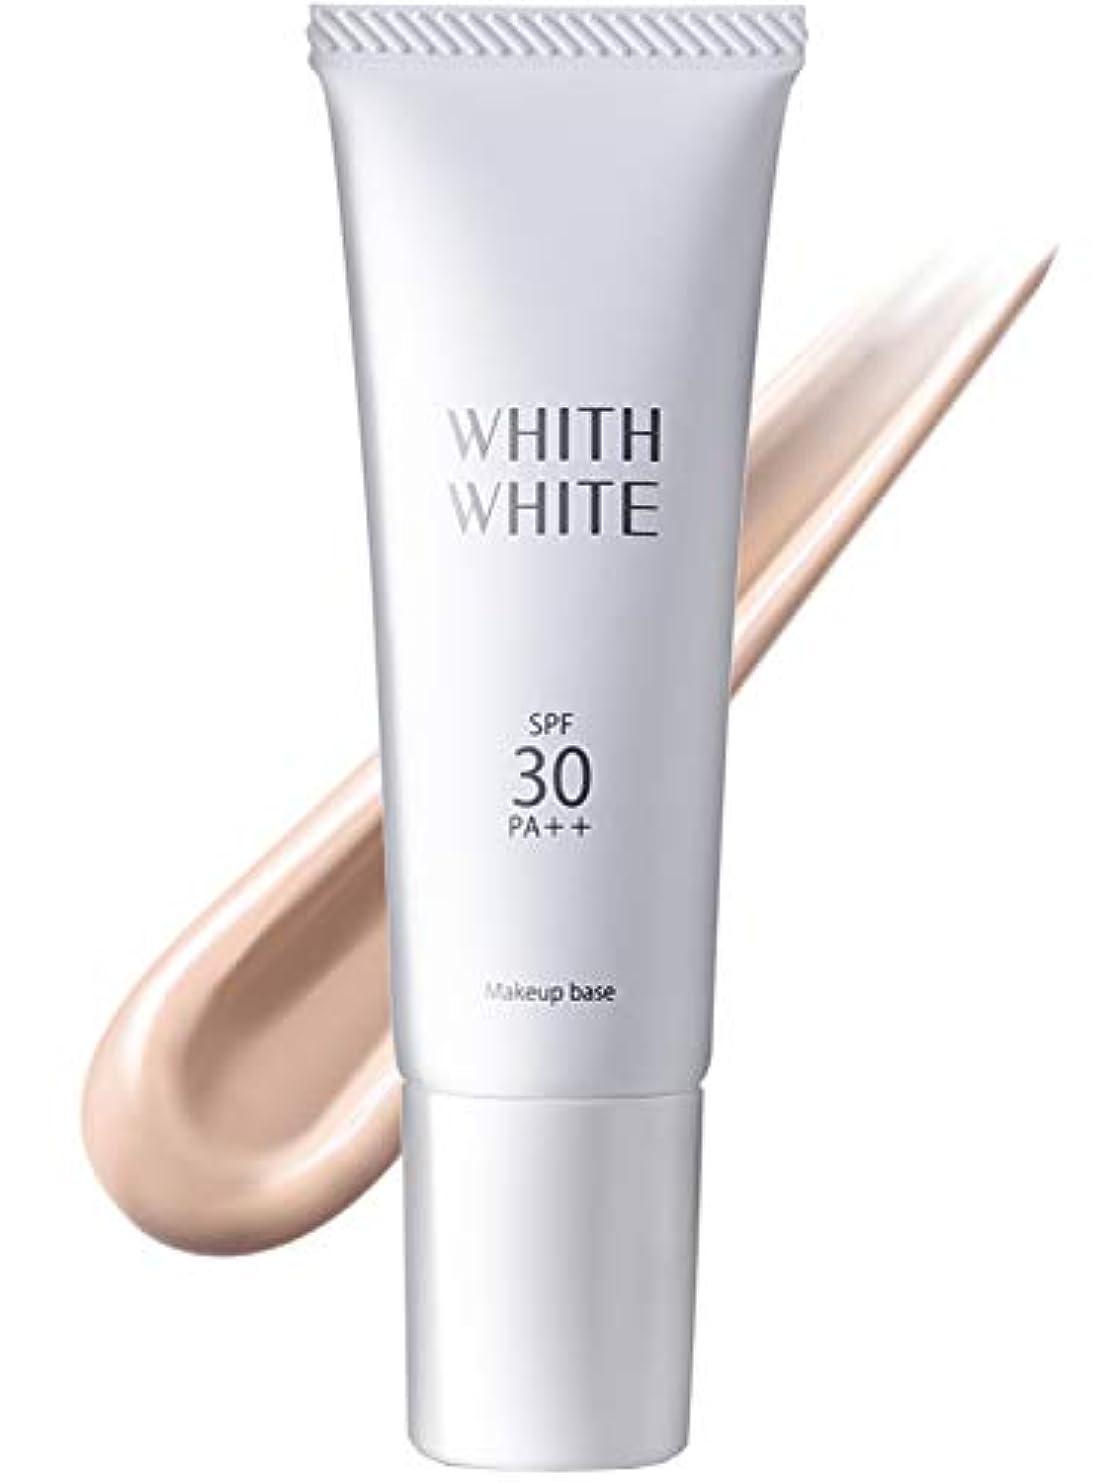 現れるスタック形式BBクリーム 化粧下地 医薬部外品 フィス 美白 「 ニキビ しわ 毛穴 皮膚テカリ 」「 ヒアルロン酸 プラセンタ 配合 」「 美白 と 保湿 のW獲り 」25g